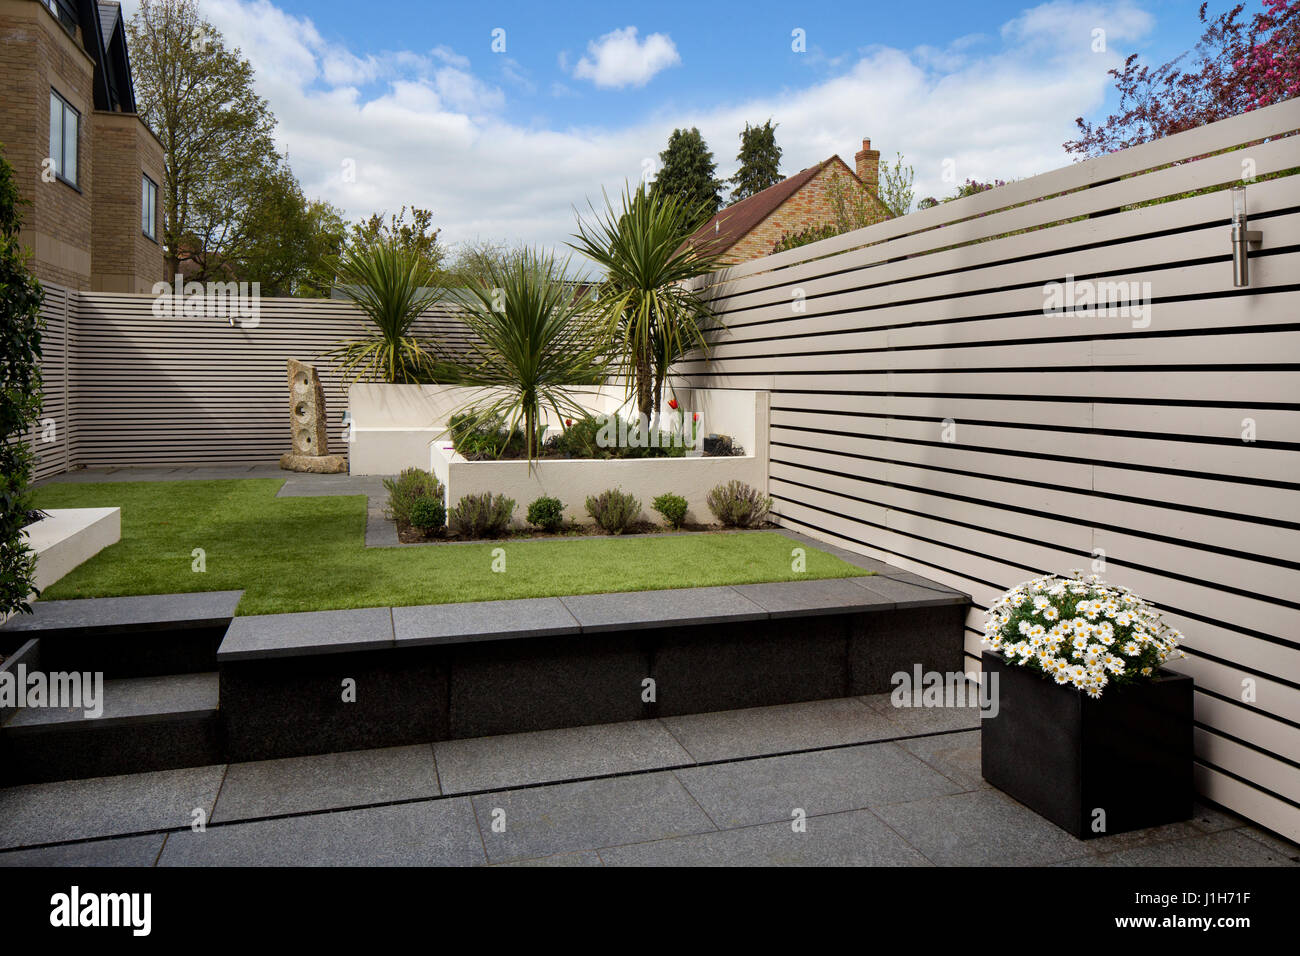 Moderne Zeitgenössische Englische Garten Mit Holz Geplant, Bemalte  Bildschirm Zaun, Gefälschte Gräser Und Granitpflaster